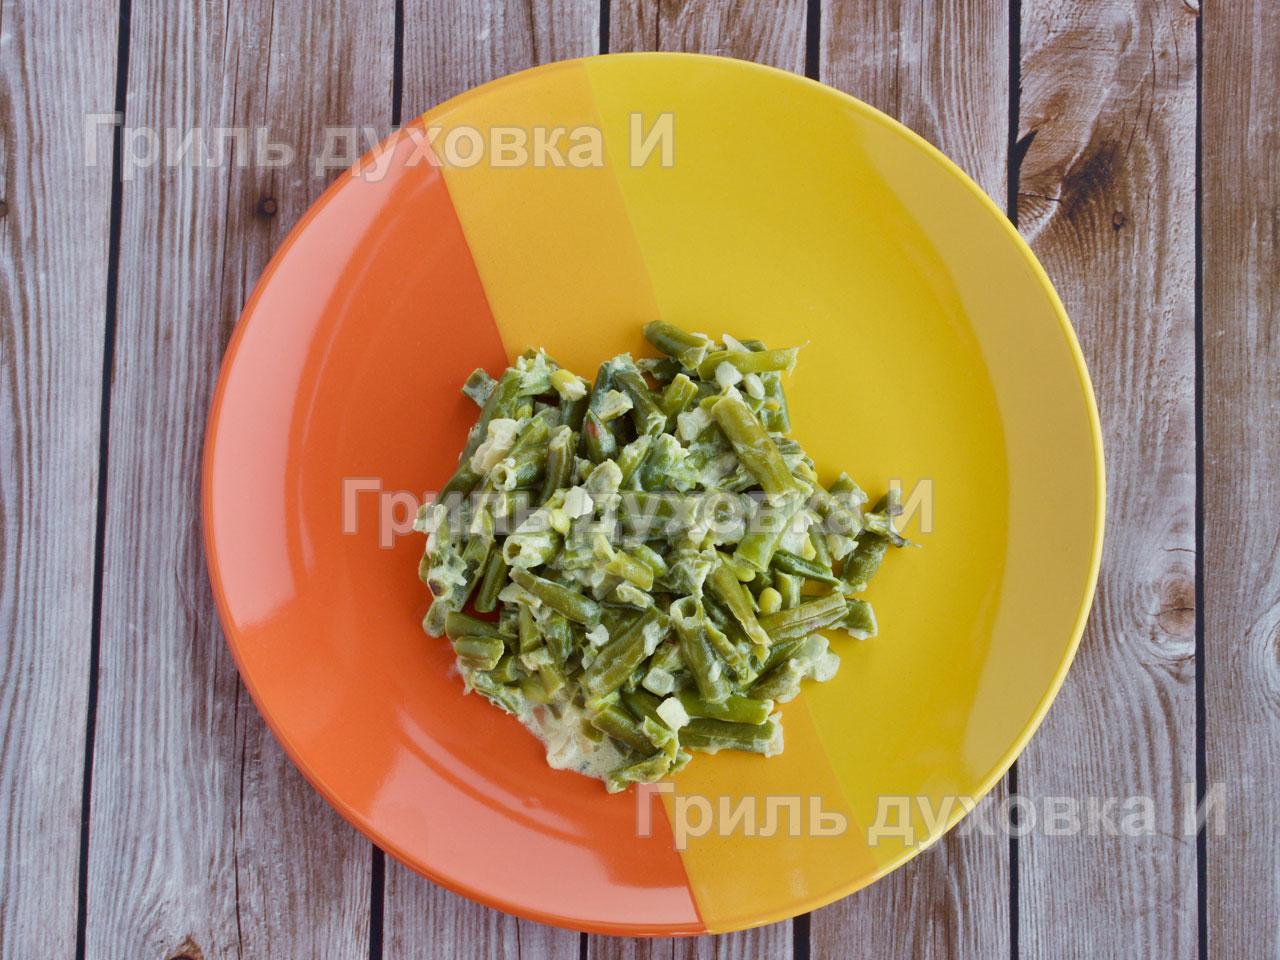 Рецепт зеленой стручковой фасоли. С сыром маскарпоне.